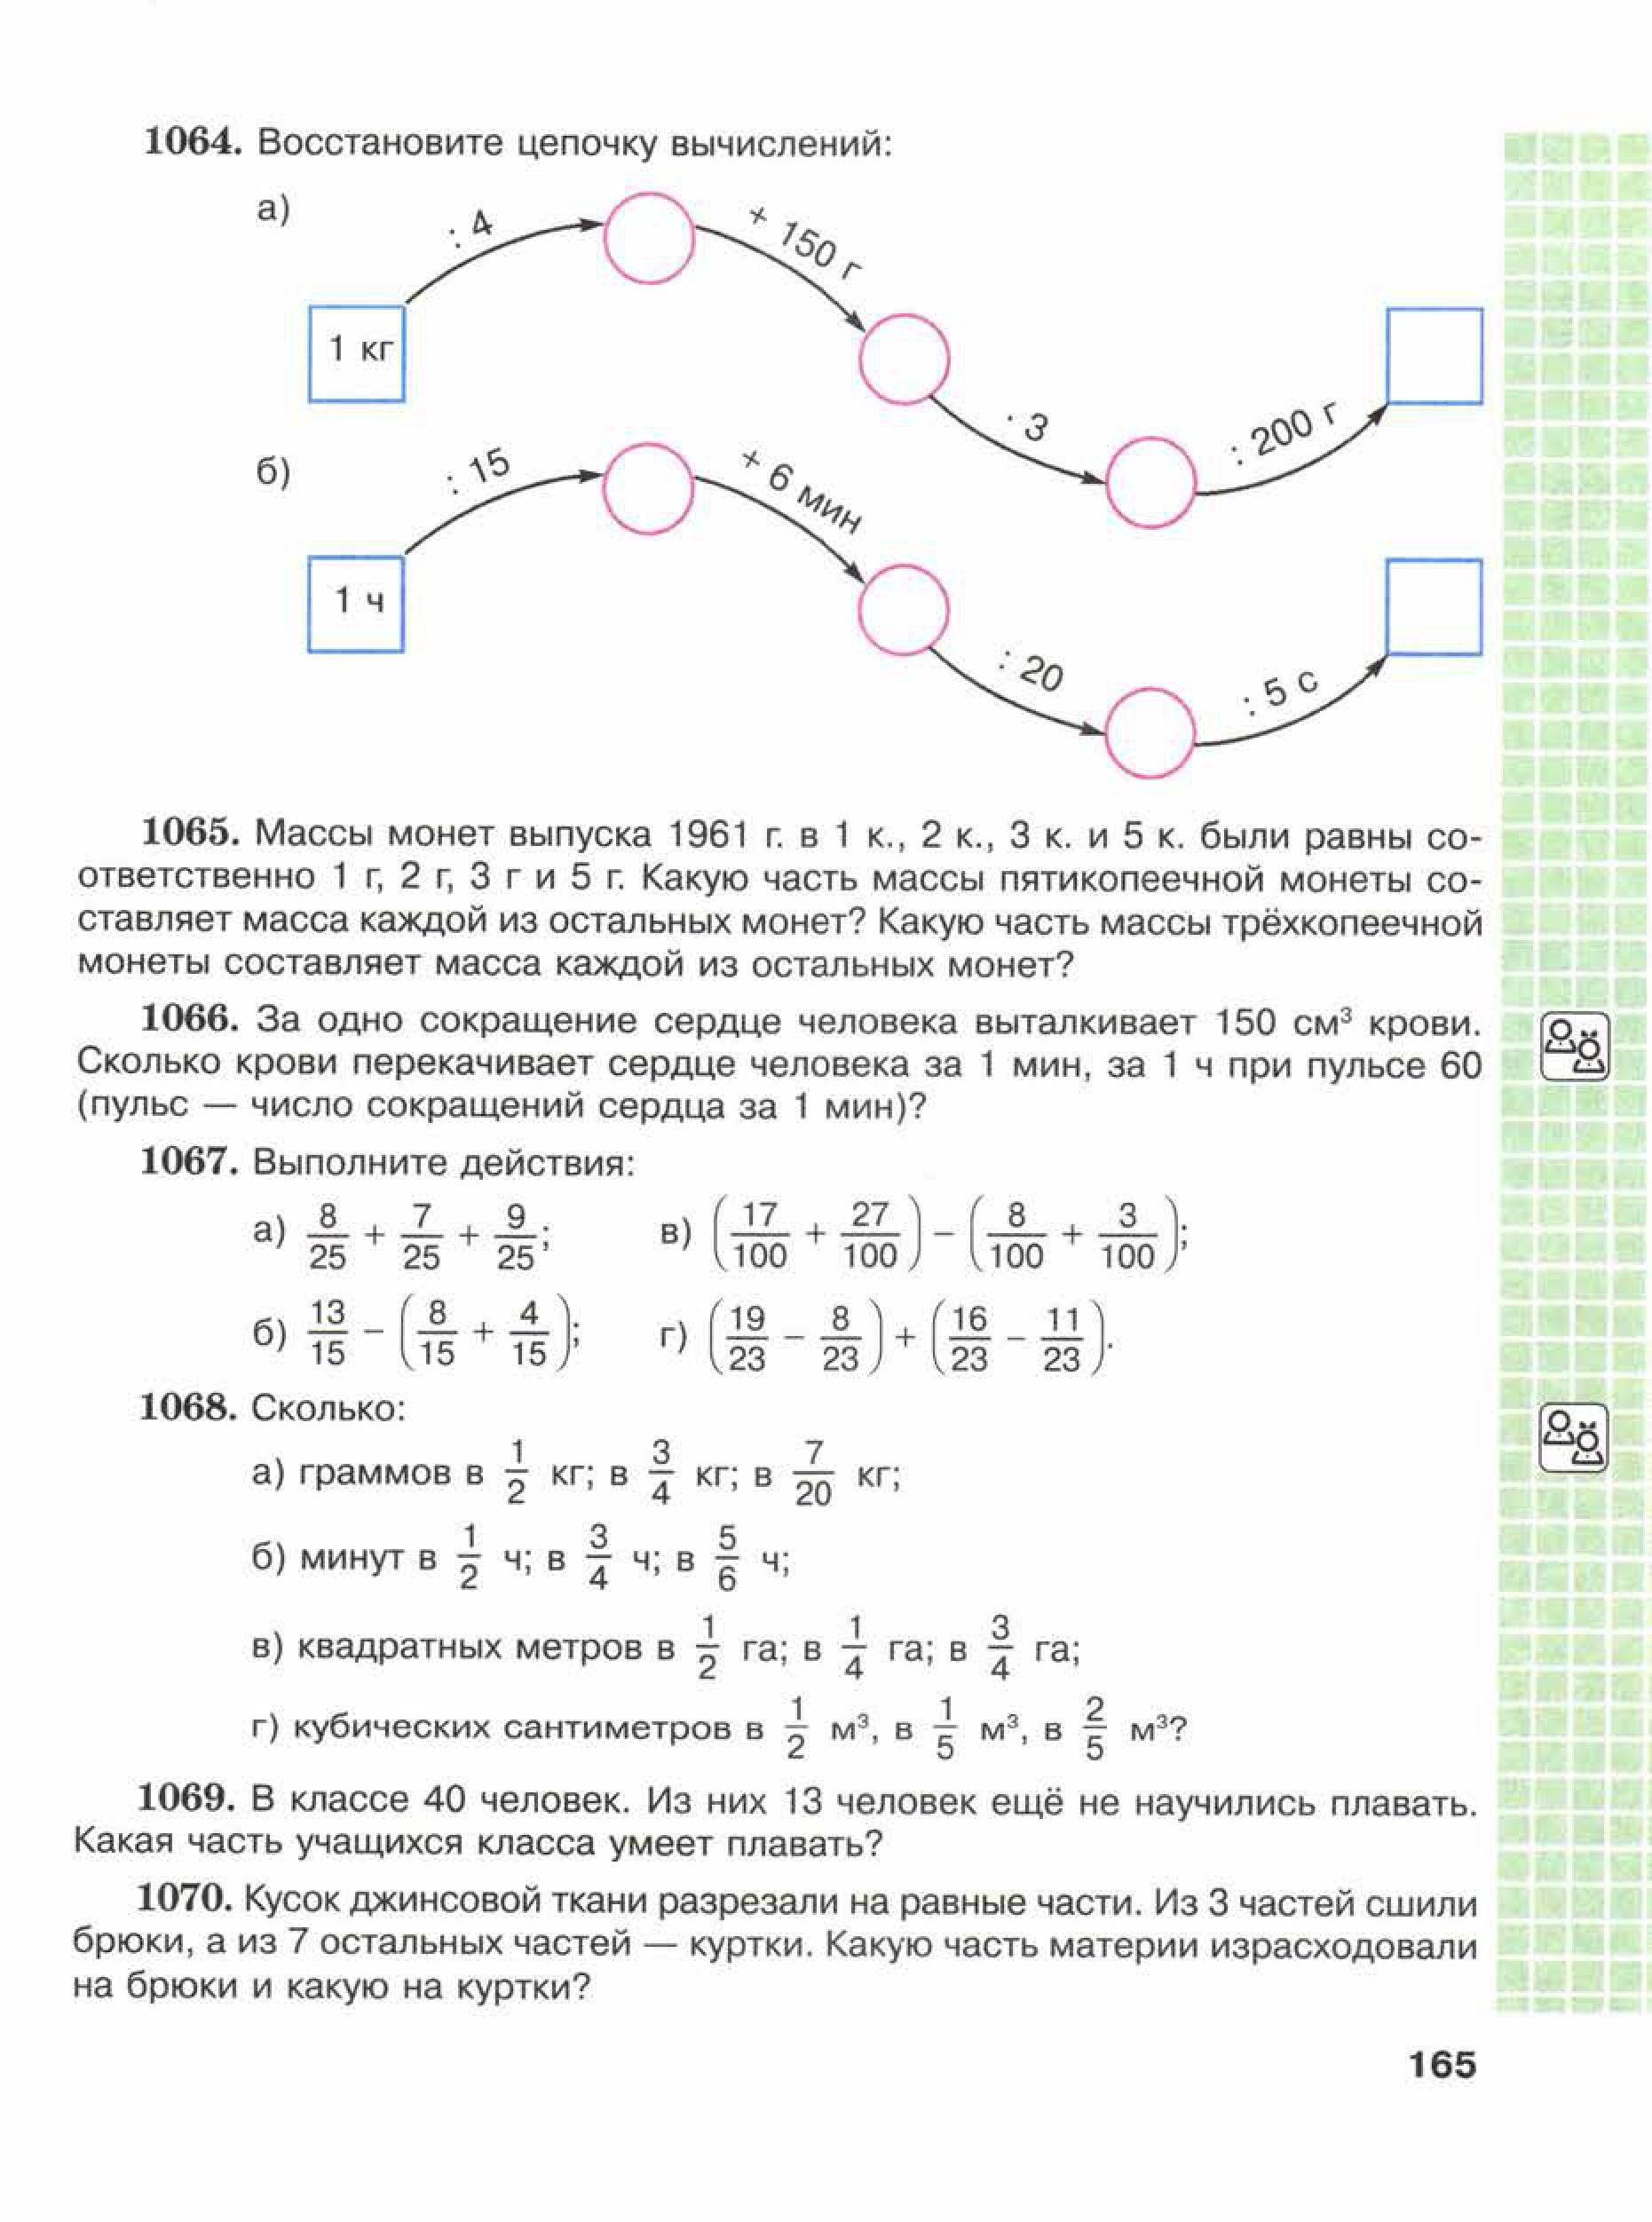 Готовые домашние задания по физики а.е. марон класс